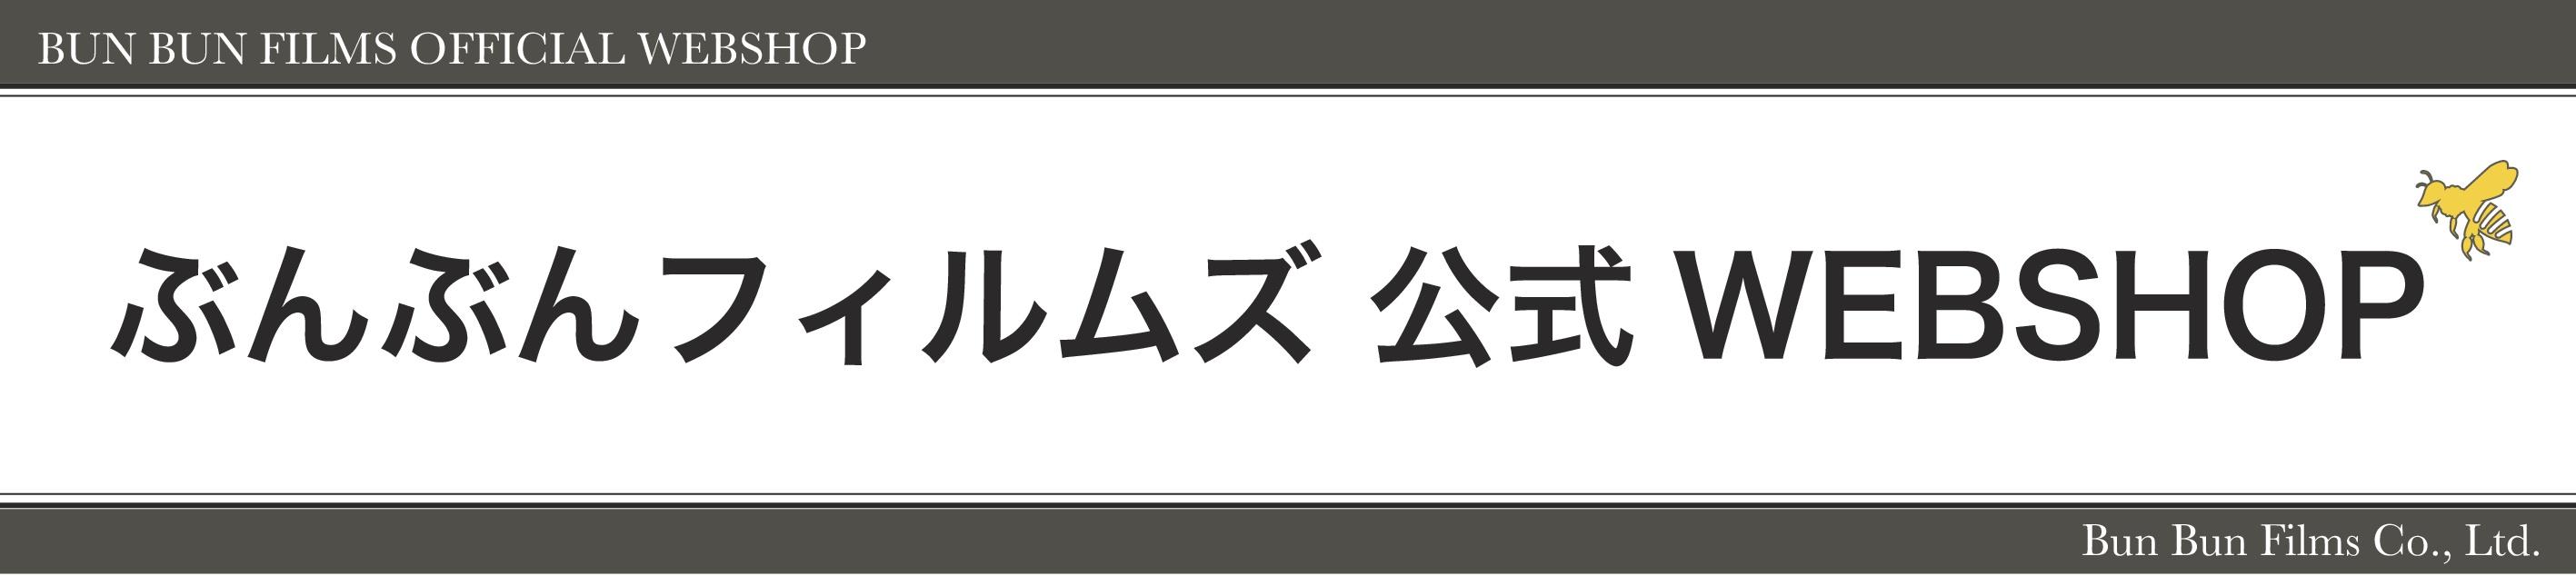 ぶんぶんフィルムズ WEBSHOP